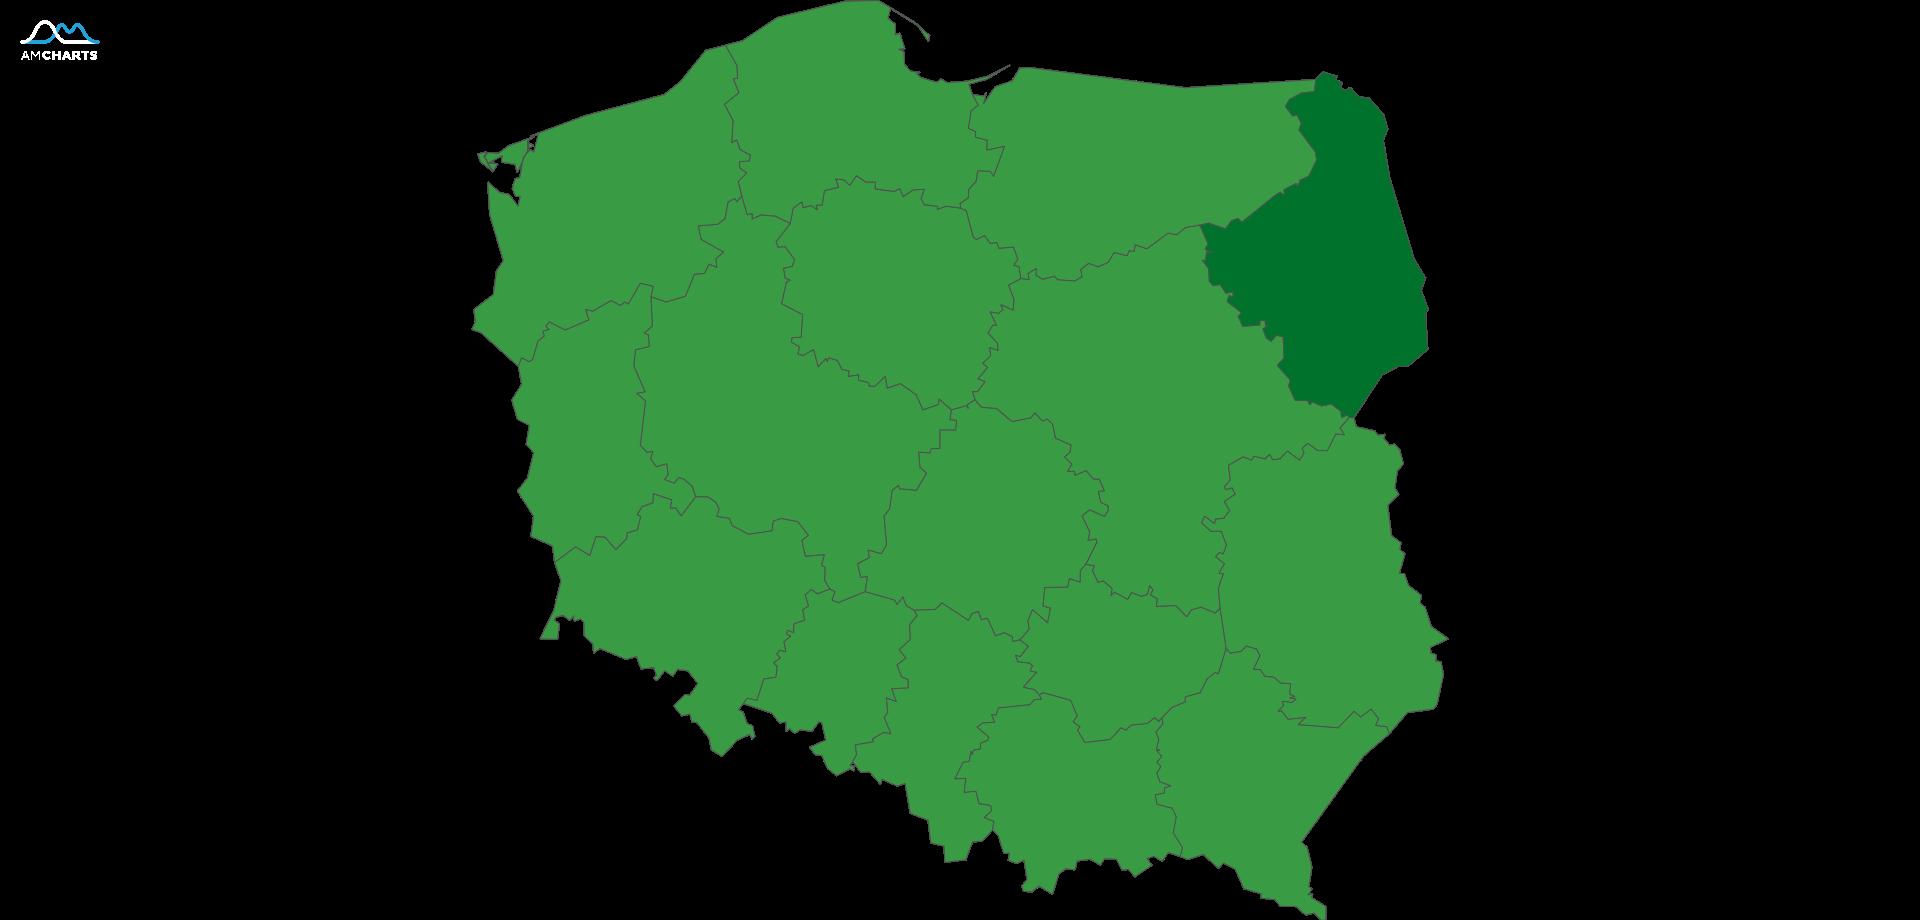 mapa wojewodztwo podlaskie